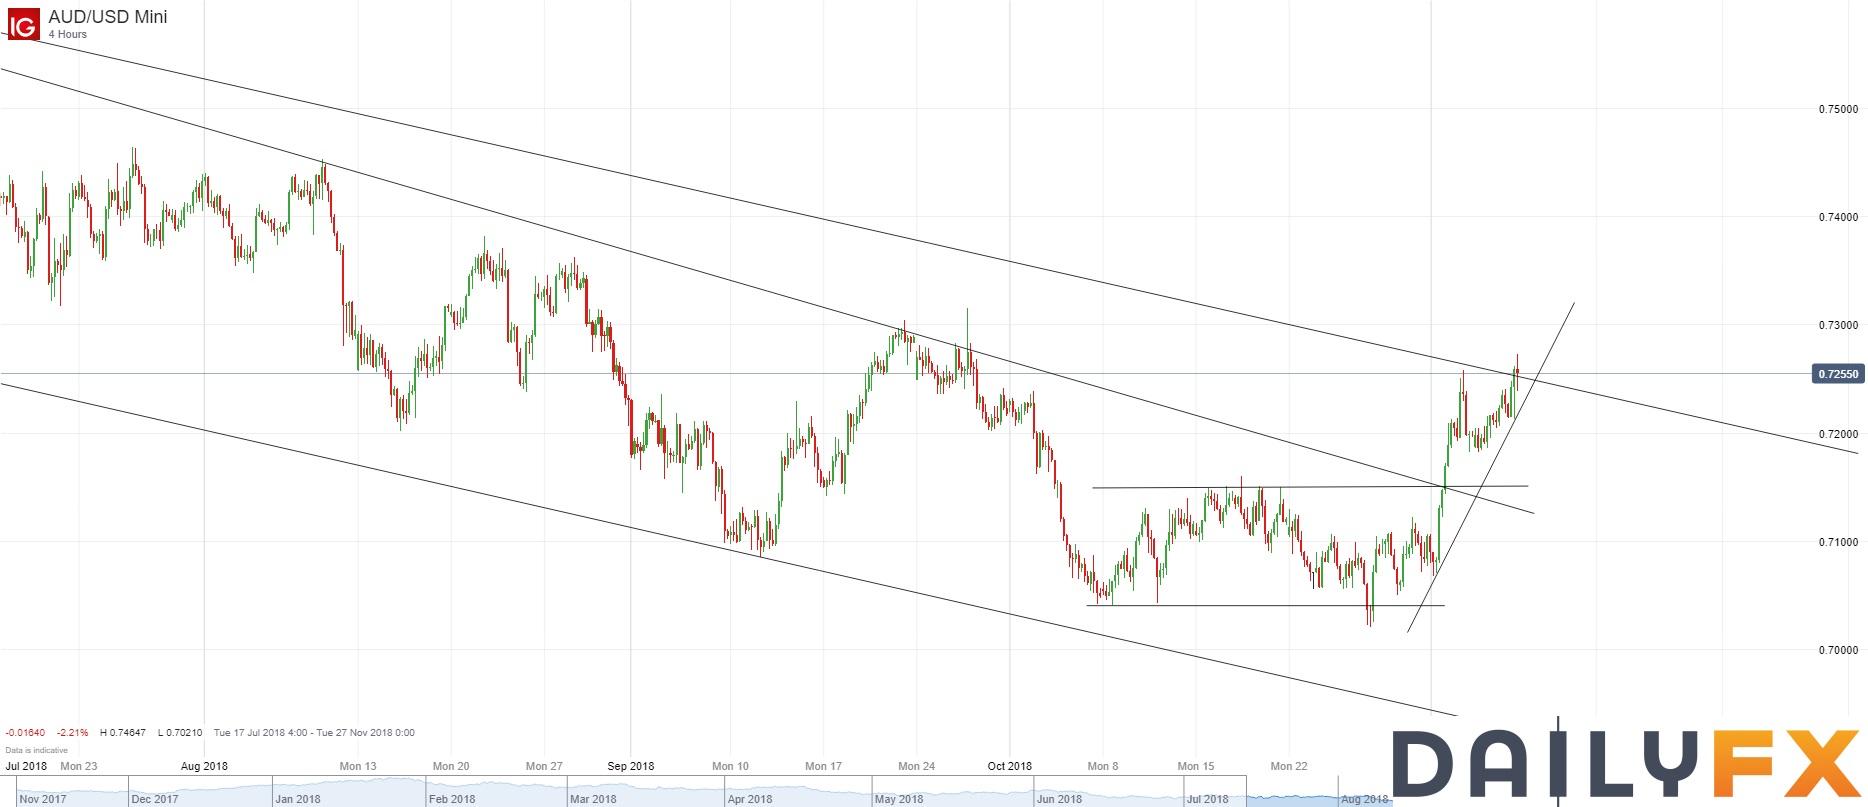 澳元/美元技術分析:試圖上破上周五高點,日圖初步移出壓力線